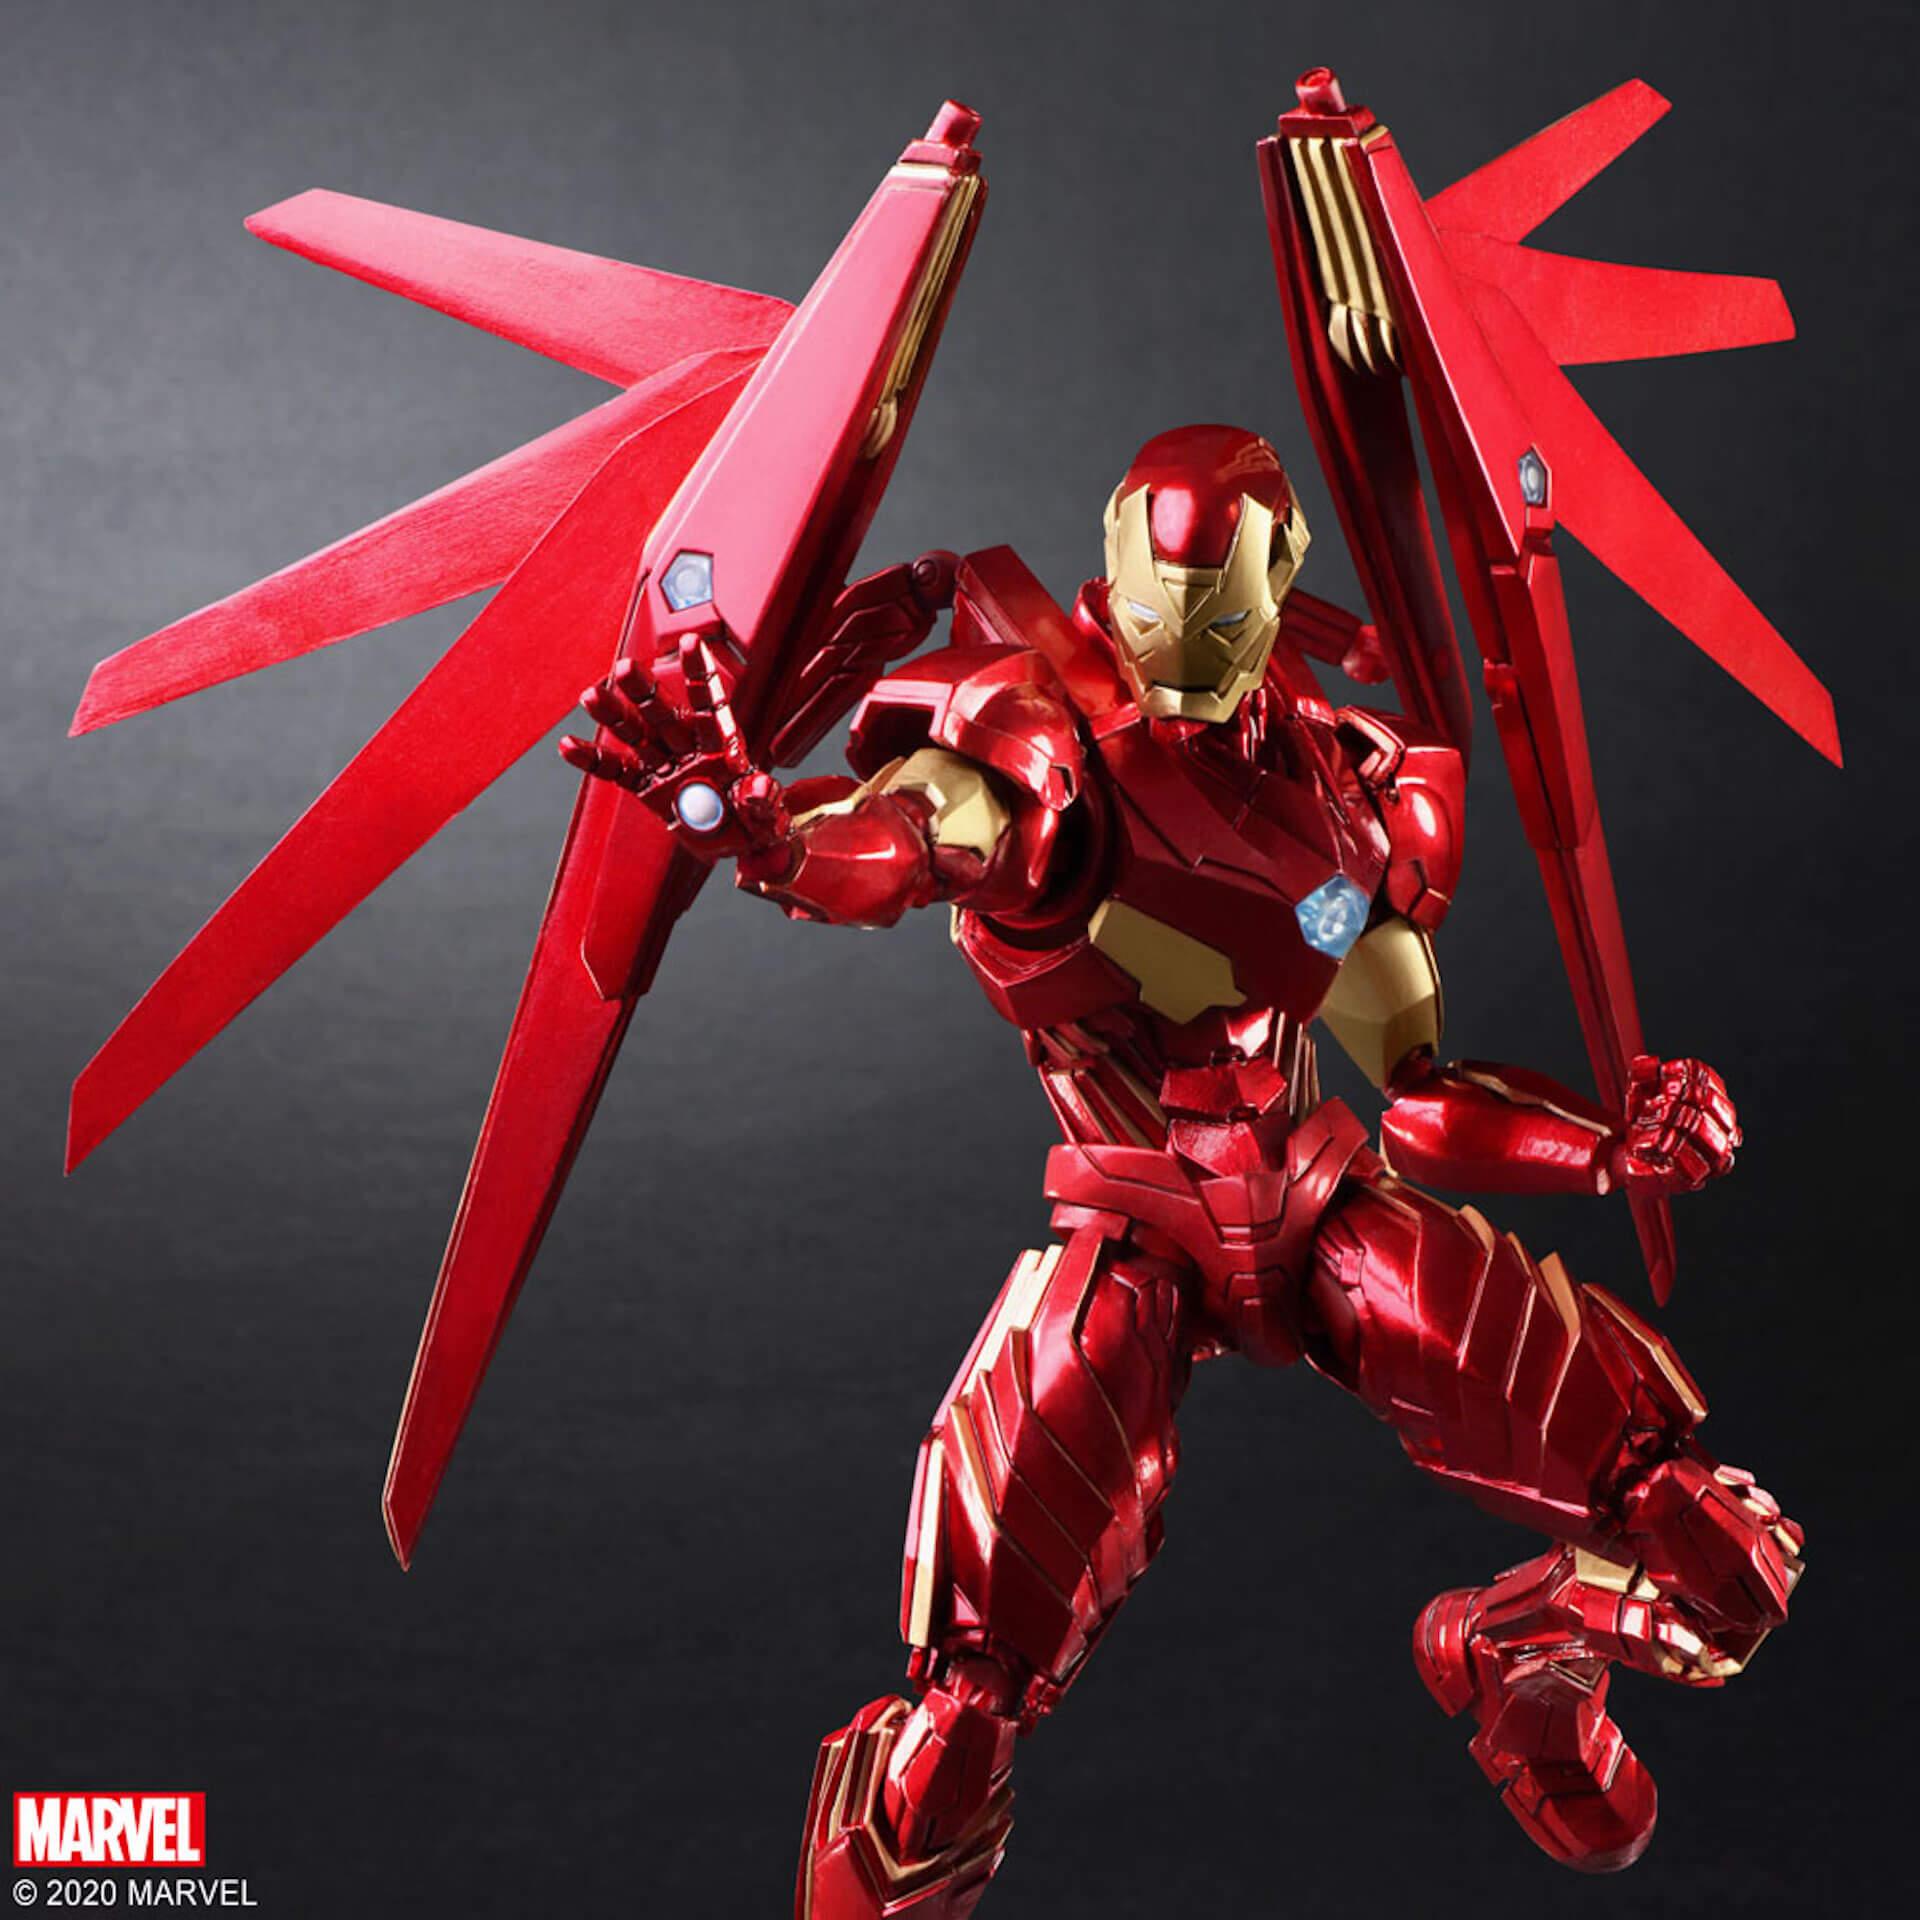 野村哲也デザインの『アイアンマン』『キャプテン・アメリカ』『スパイダーマン』フィギュアがスクウェア・エニックスのオンラインサイトで予約受付中! ac200702_marvel_nomuratesuya_07